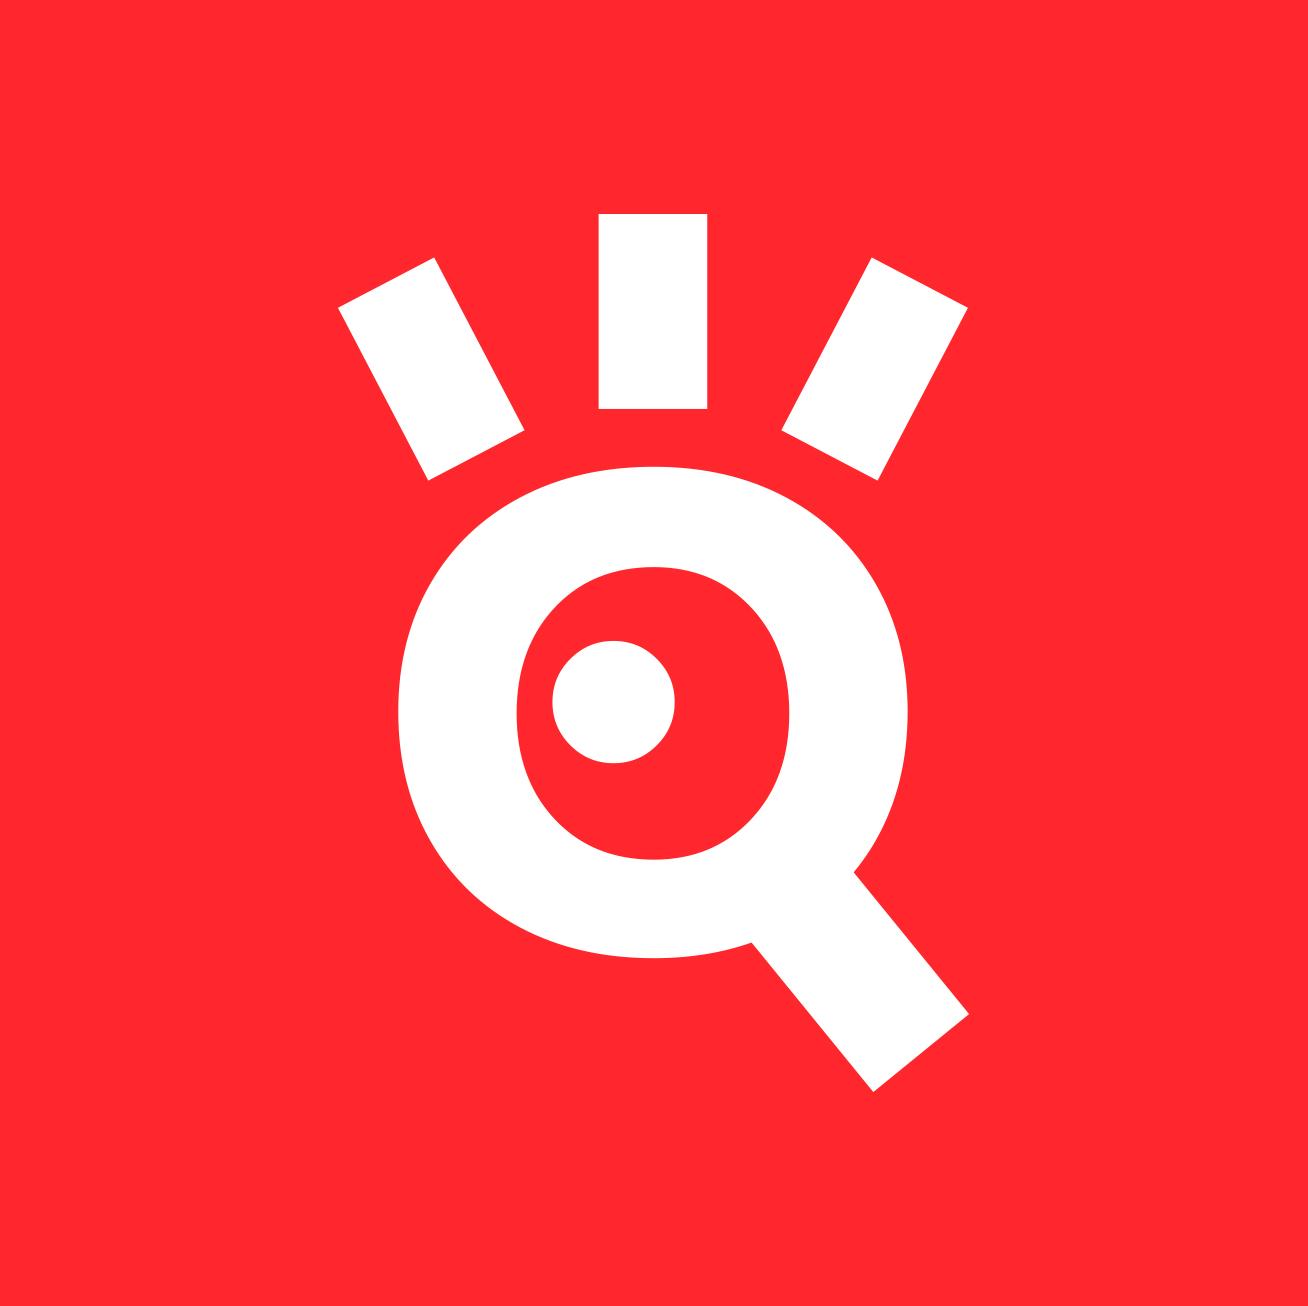 Zvolsi.info_design_Veronika_Rut_Fullerova_11